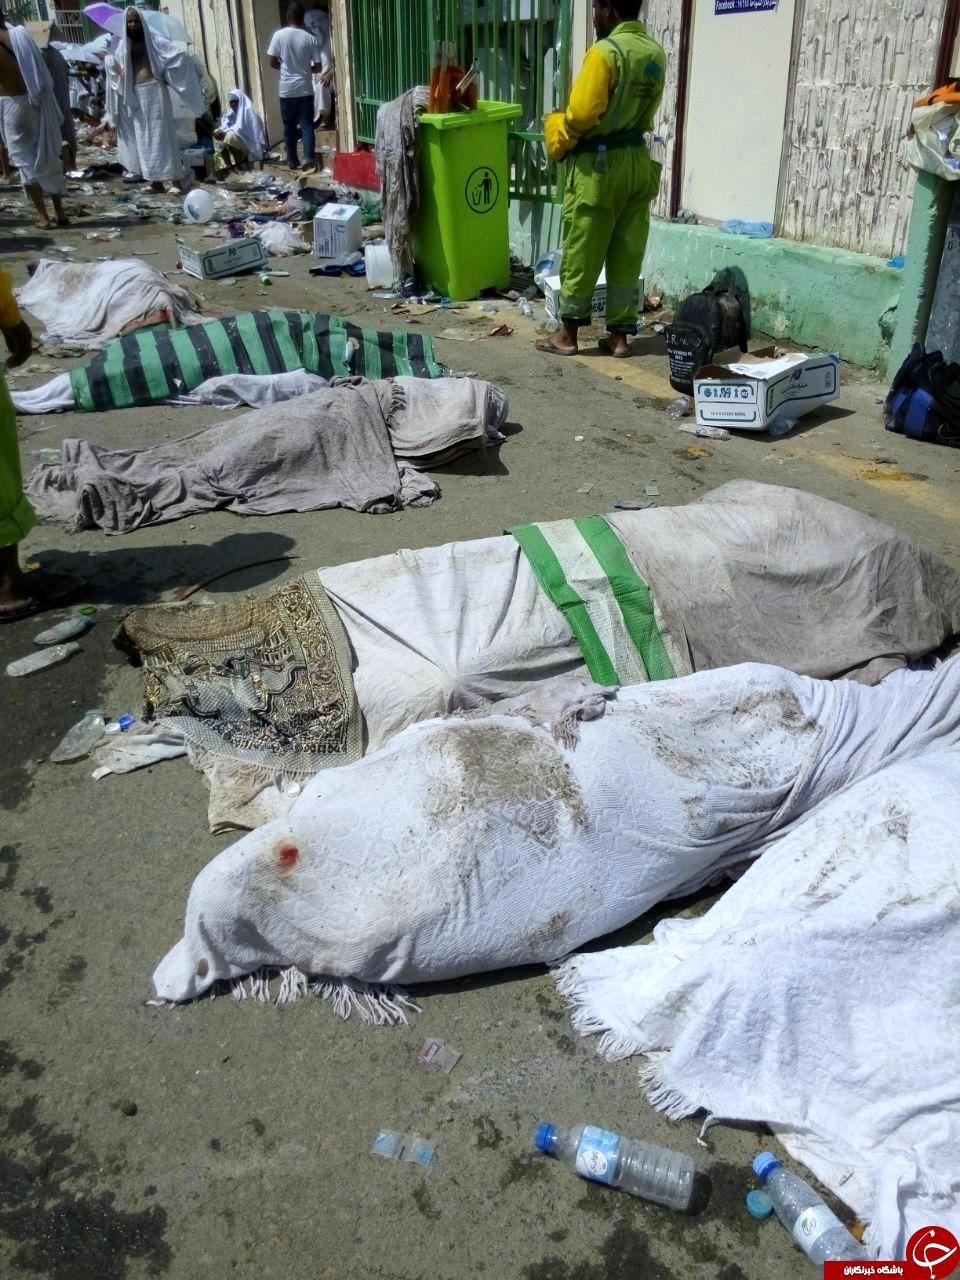 سلفی امداد رسانان با اجساد حادثه رمی جمرات + تصاویر